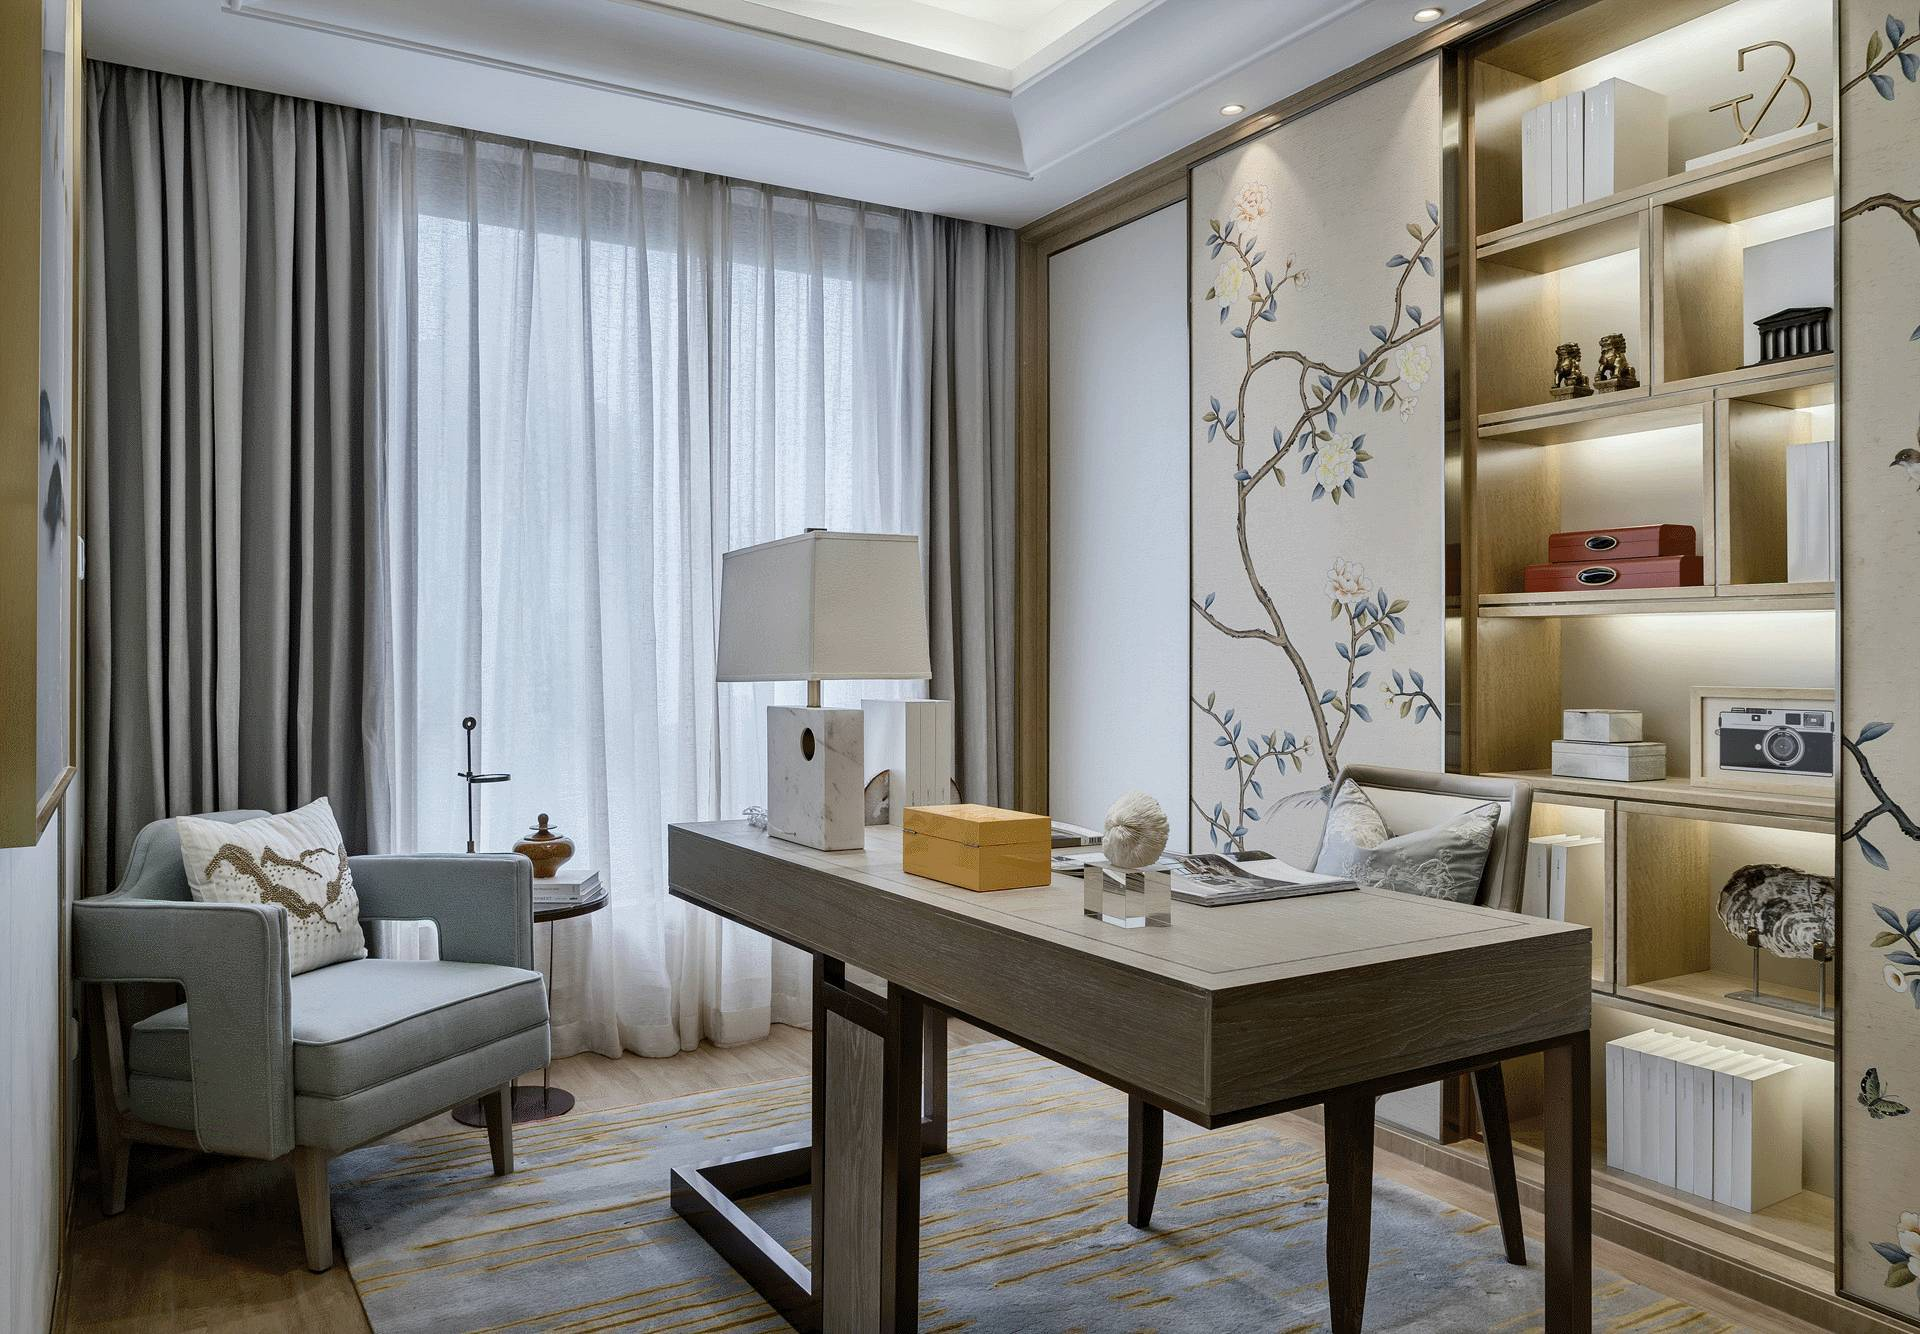 新中式风格别墅书房装修效果图